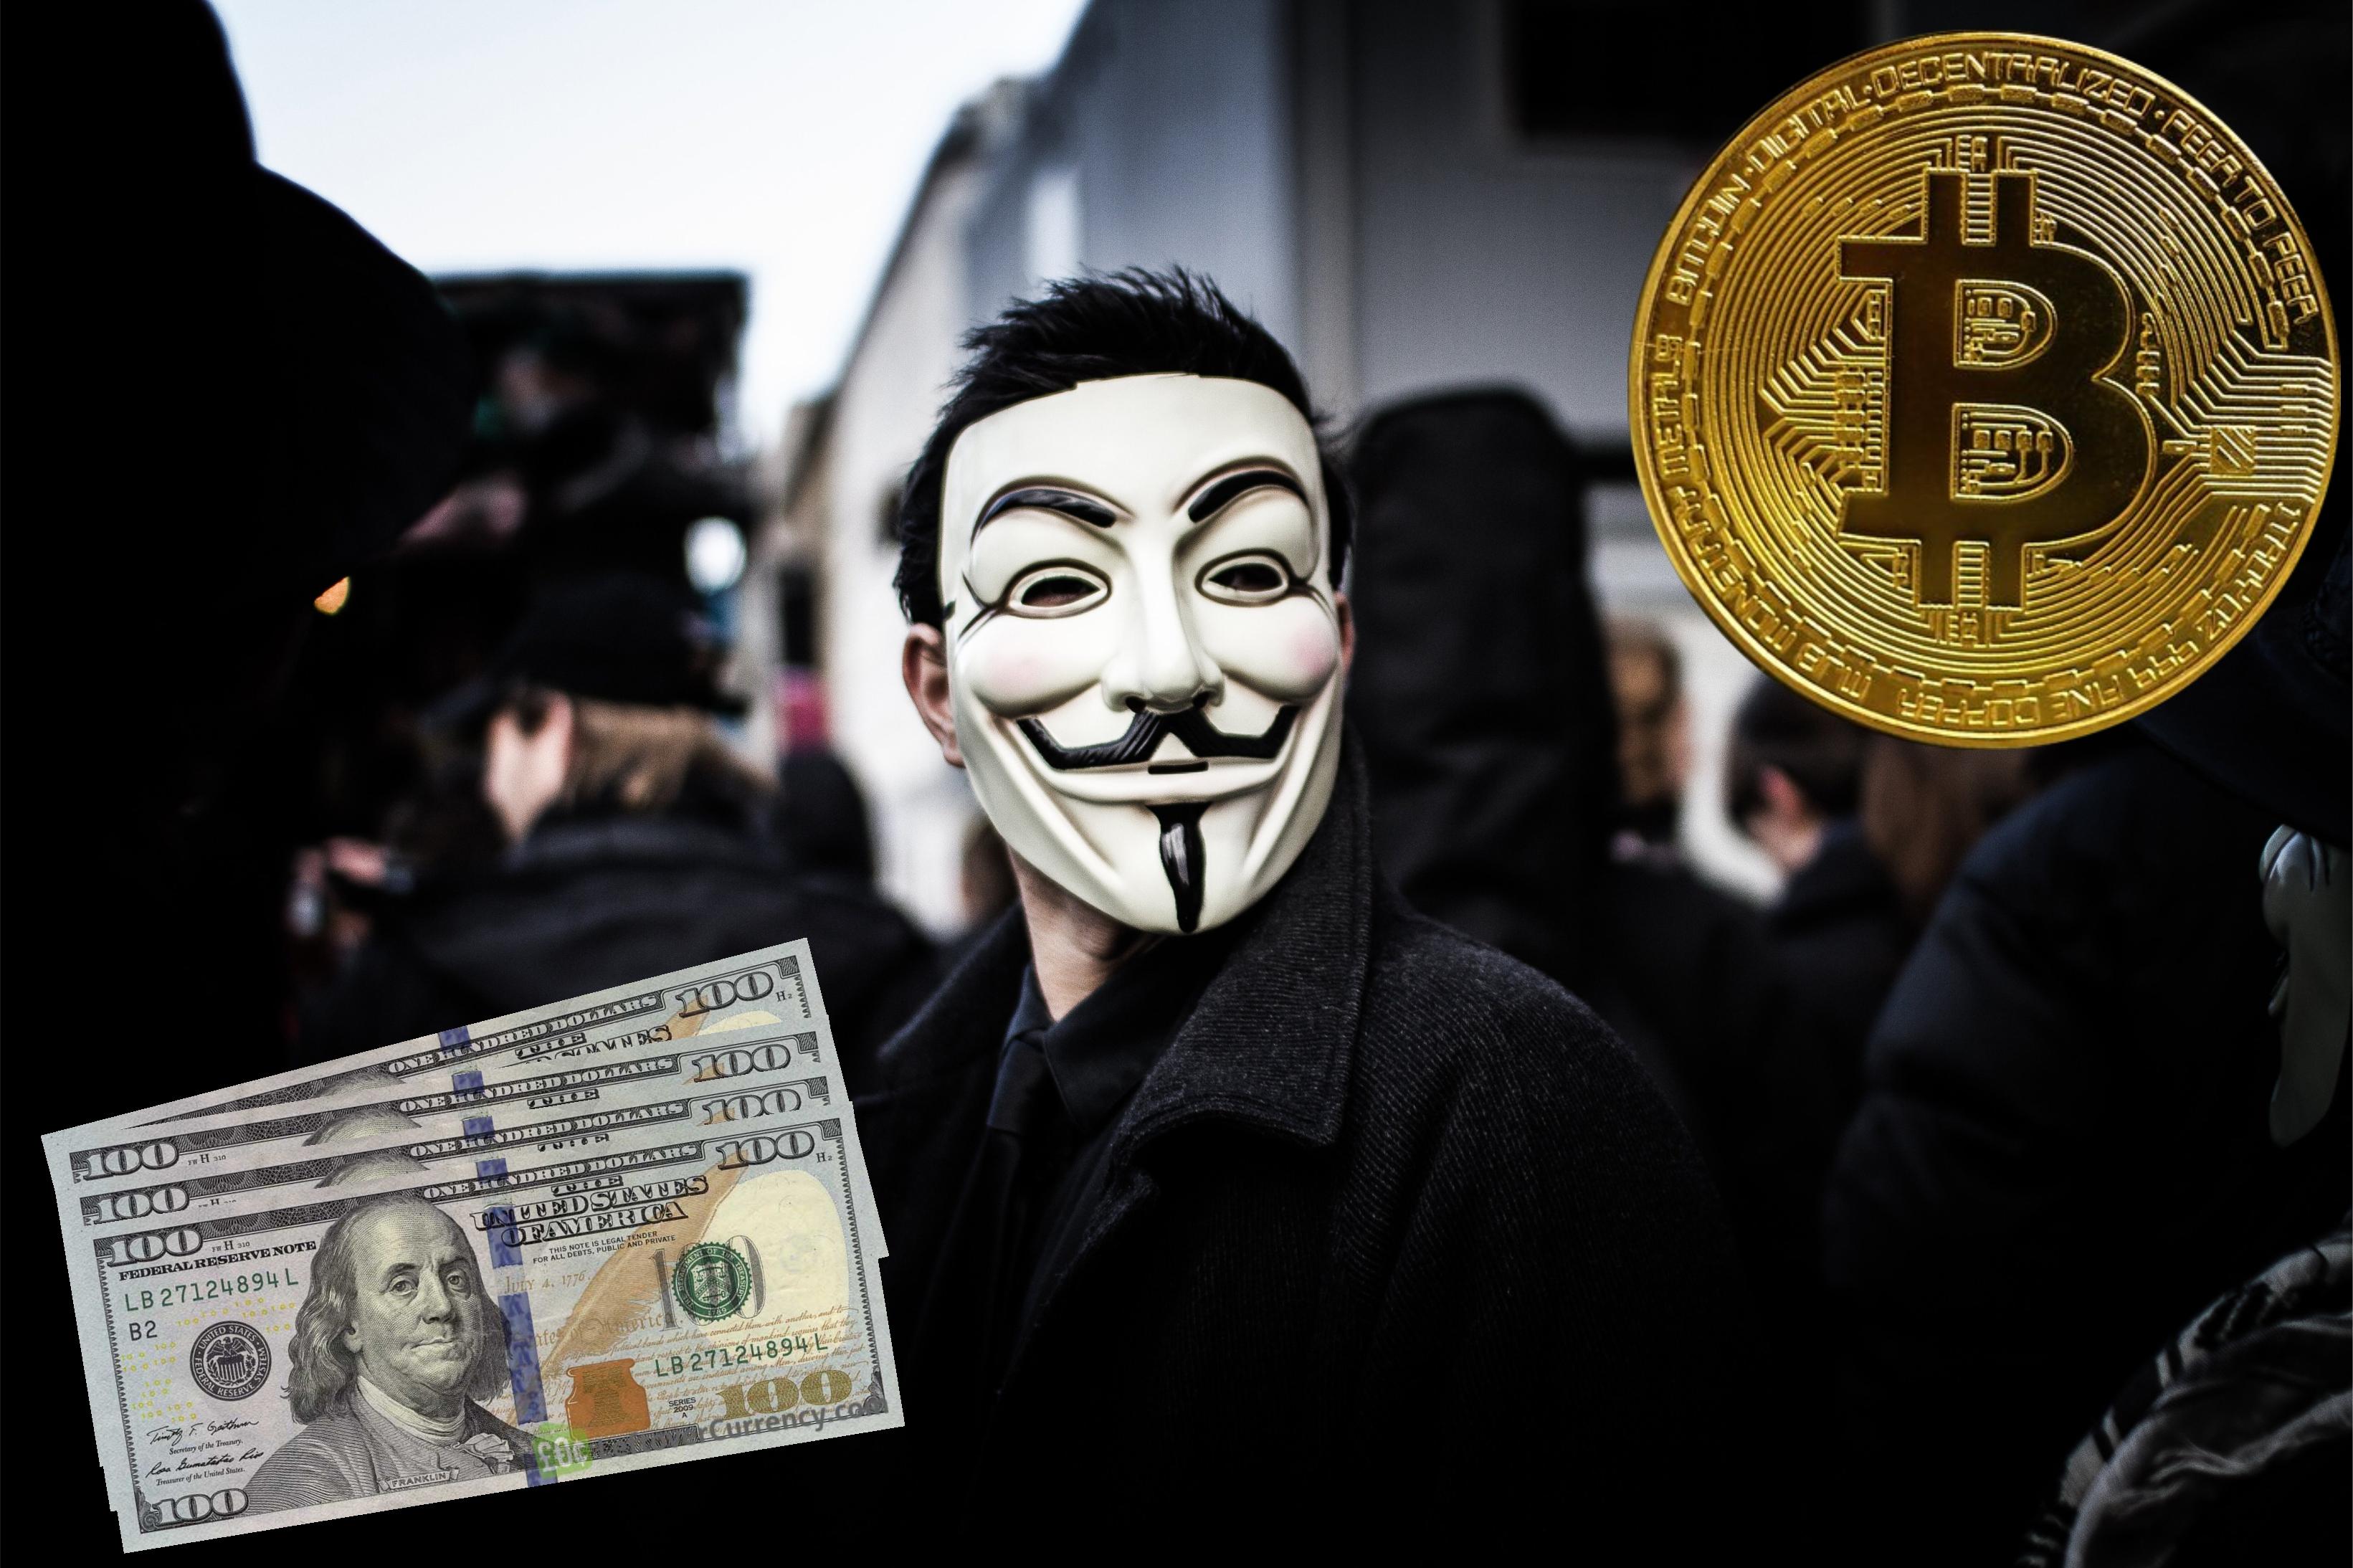 BitcoinBaltic.com - Pirkt Bitcoin, Ethereum, Litecoin un citas kriptovalūtas.